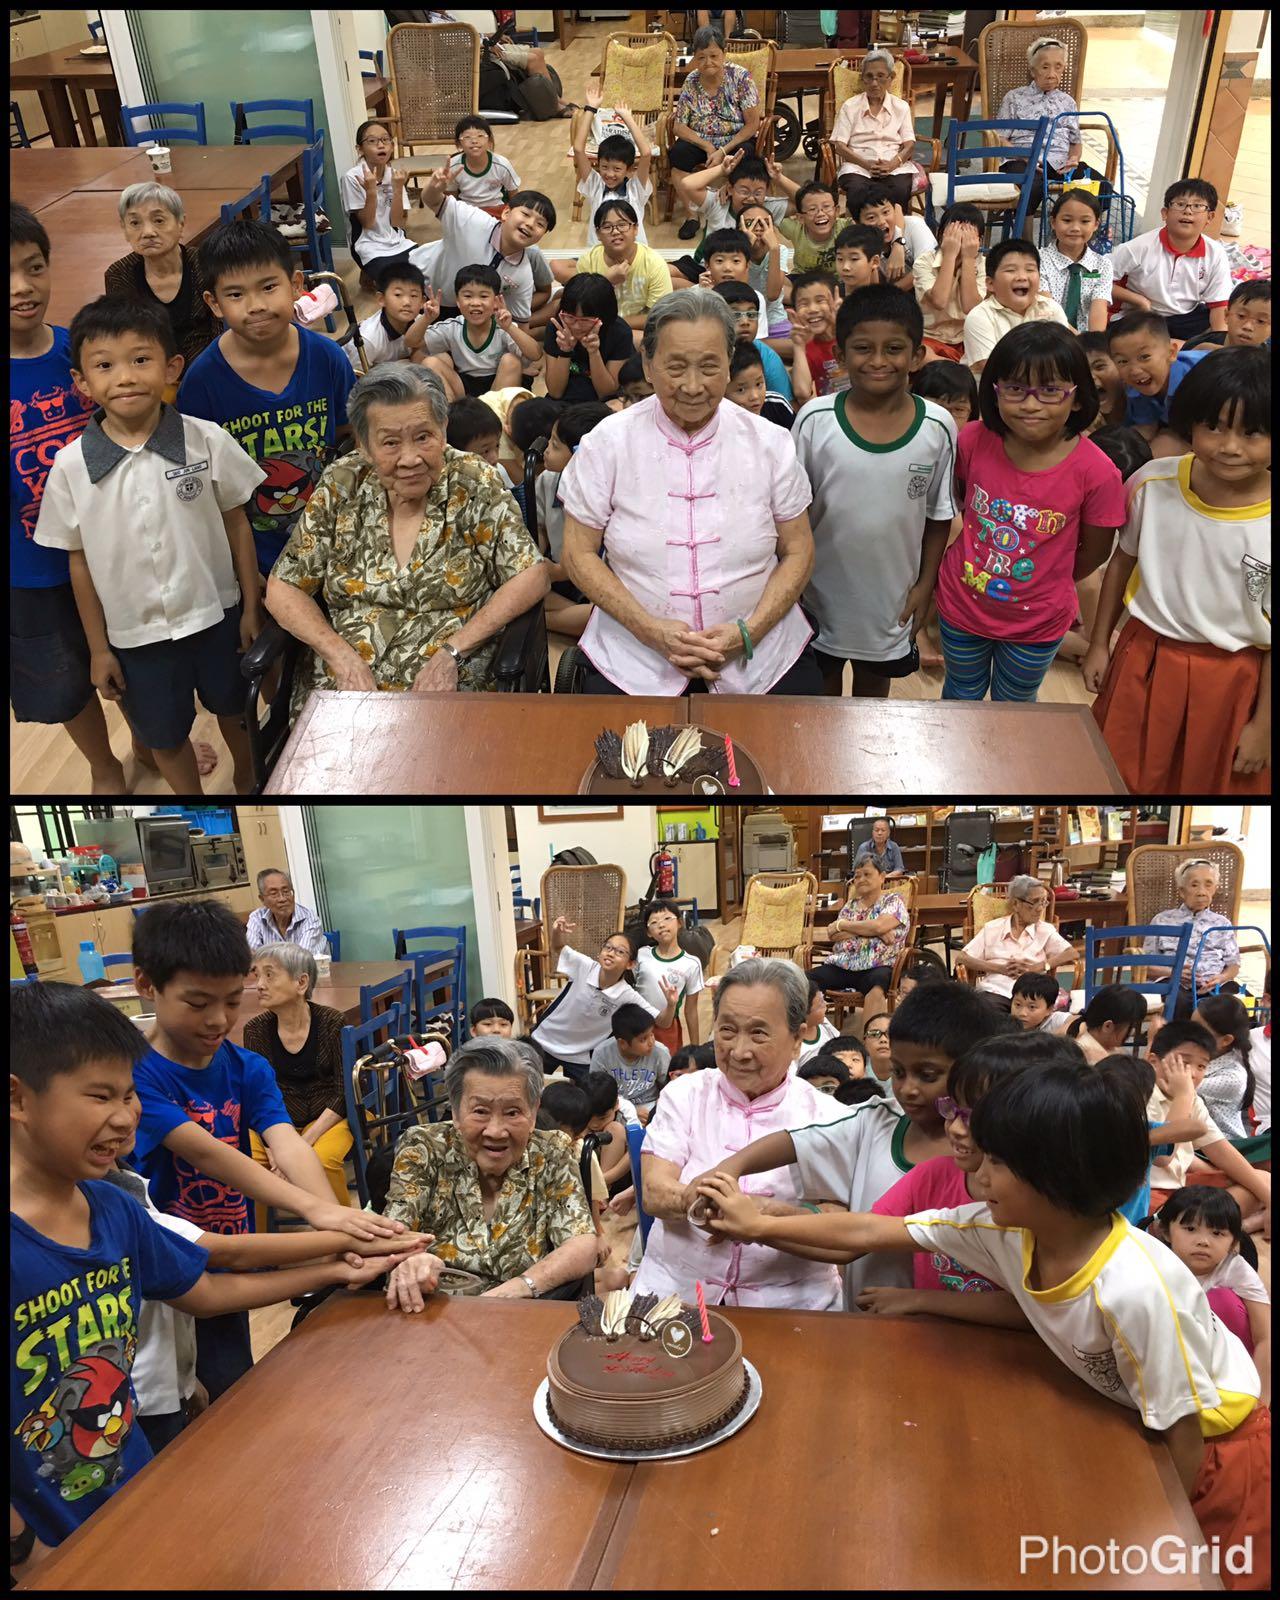 Inter-Generational Bonding Birthday Celebration